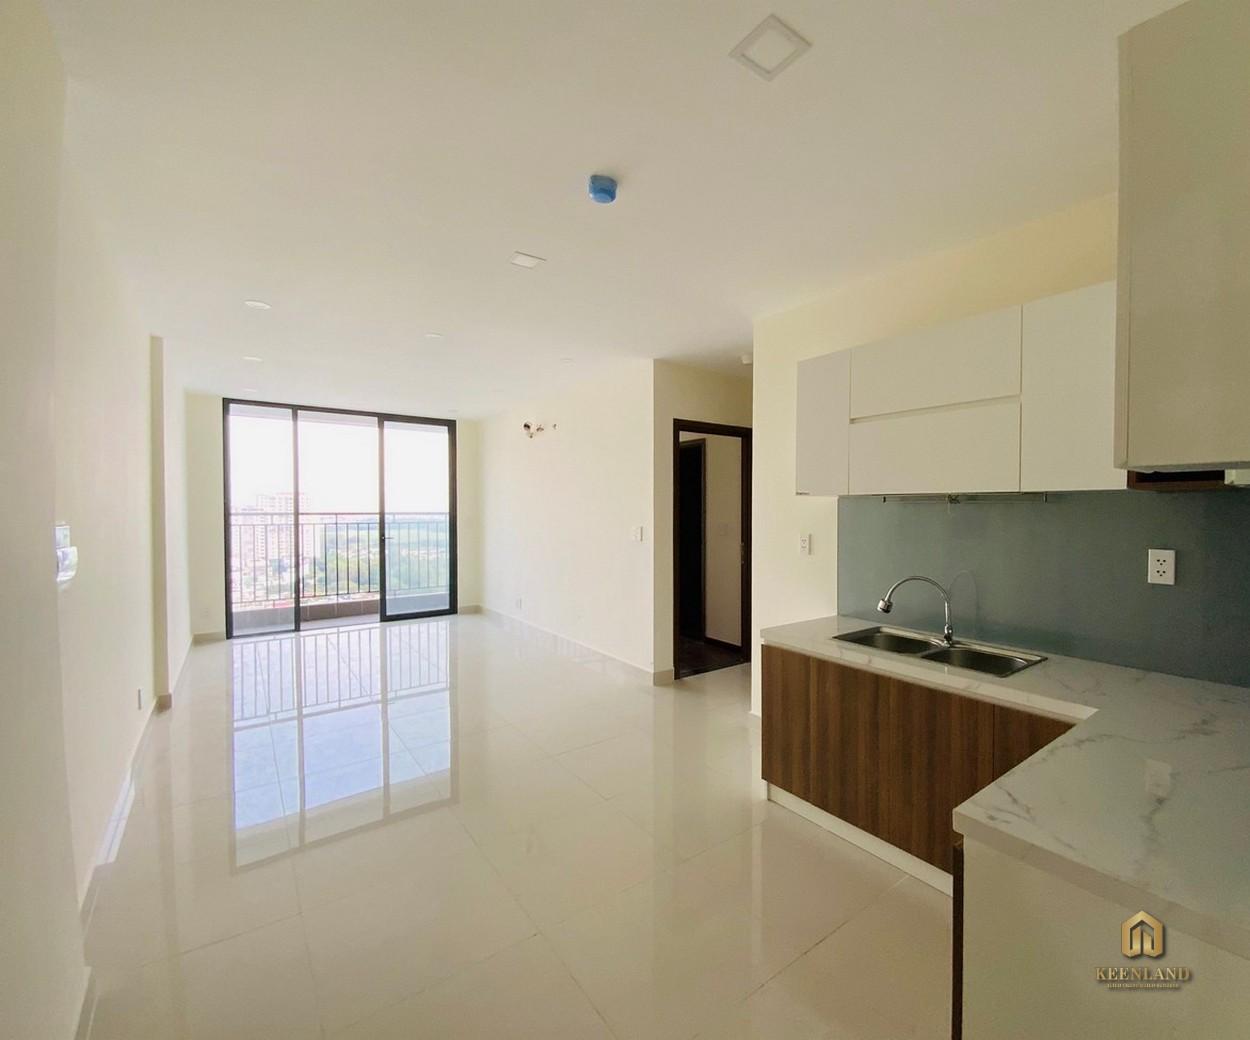 Hình ảnh thực tế dự án căn hộ Goldora Plaza Nhà Bè Đường Lê Văn Lương chủ đầu tư Tematco